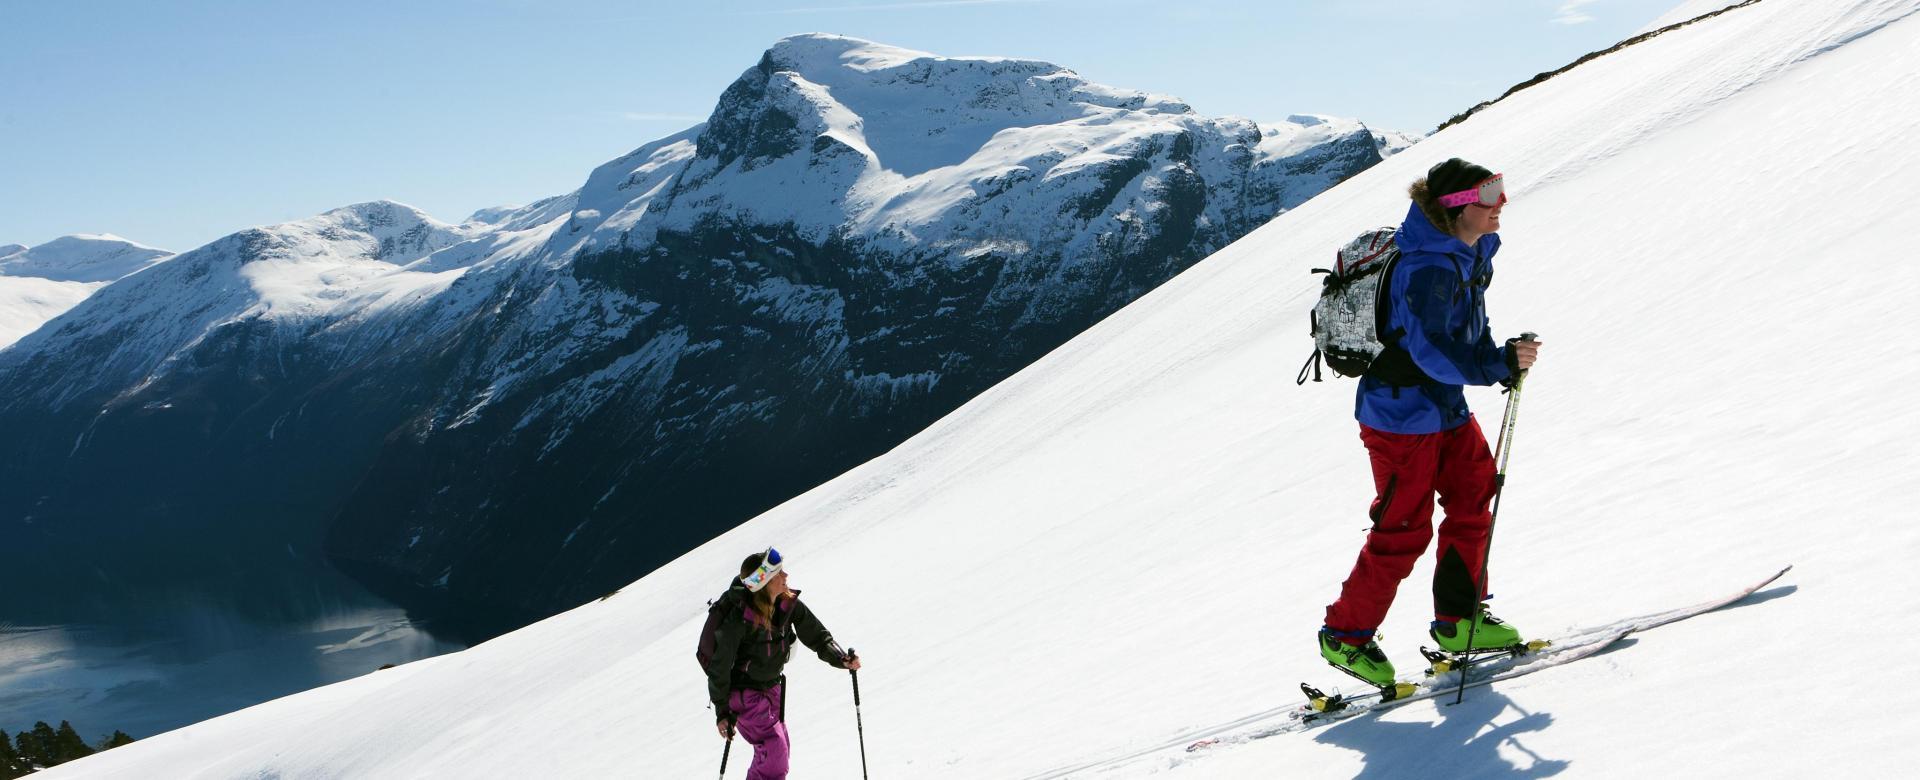 Voyage à la neige Norvège : Ski et aurores boréales sur l'île de senja